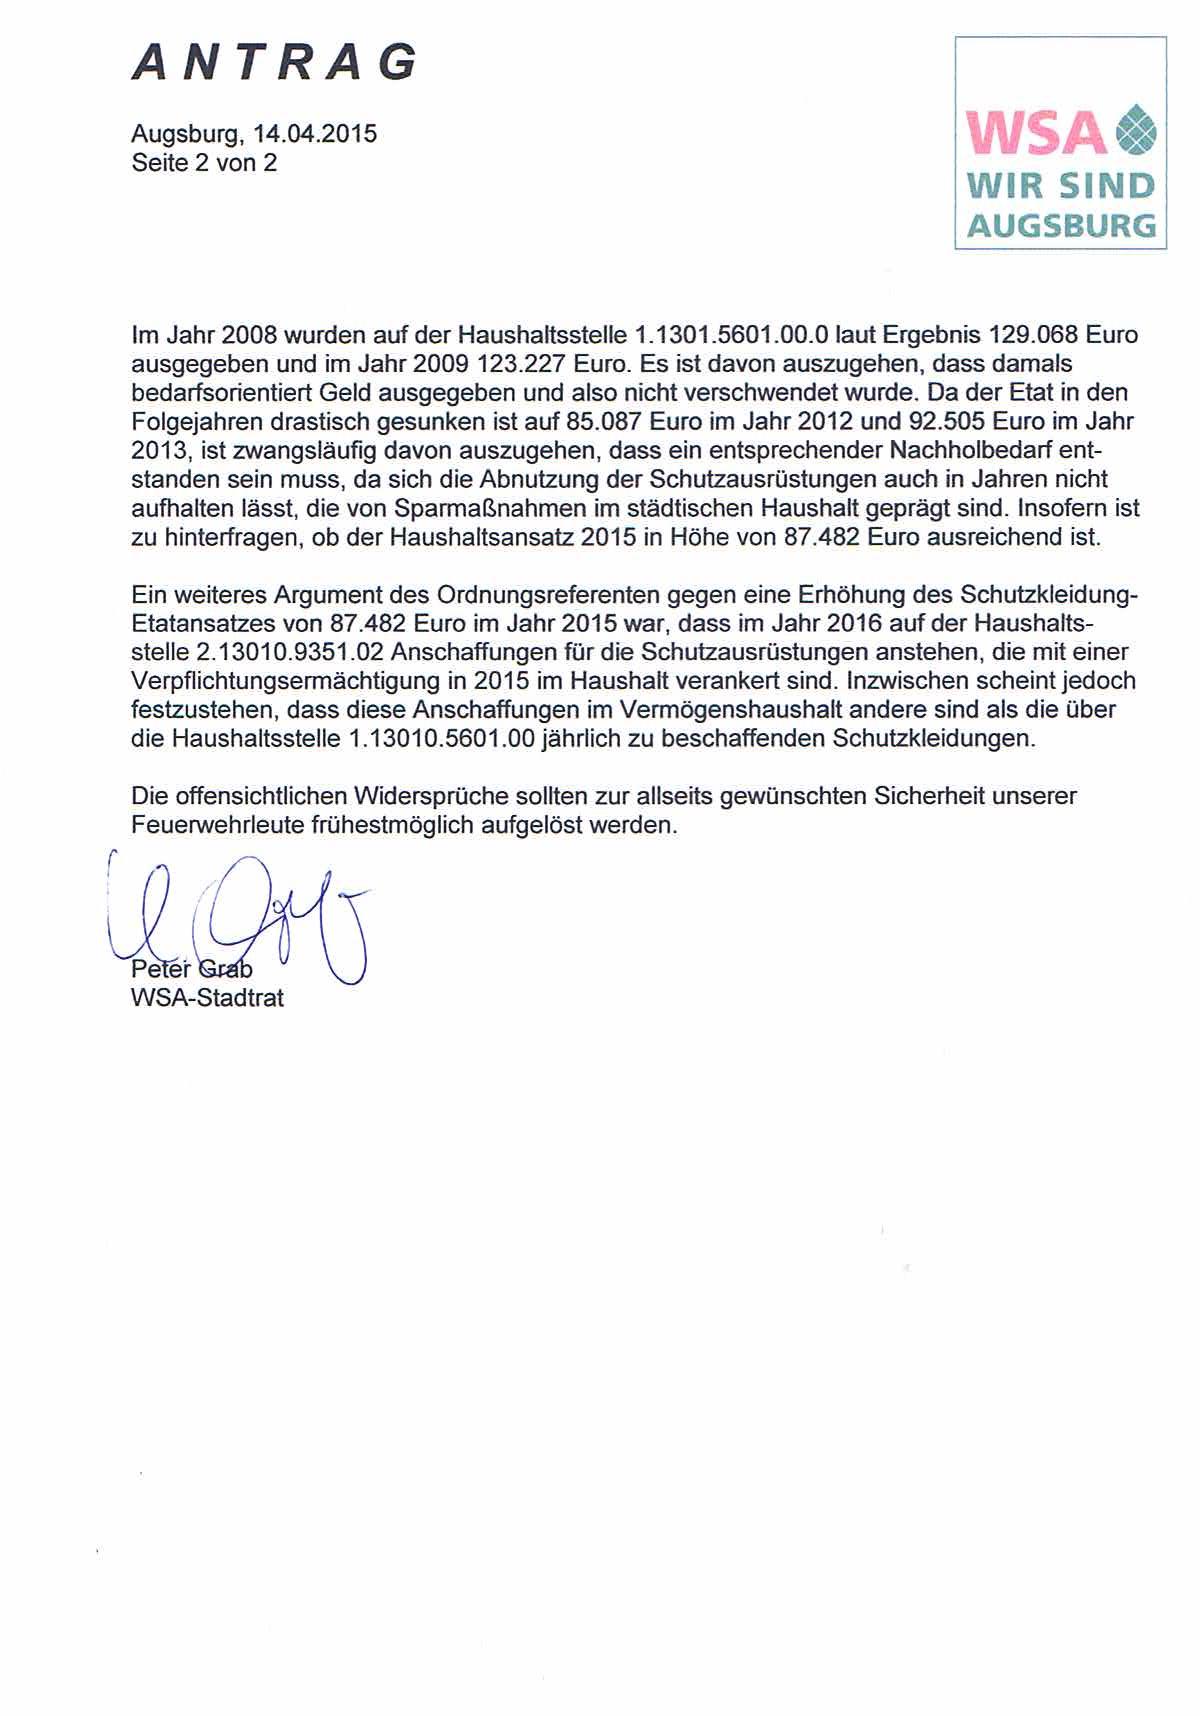 WSA-Antrag vom 14.04.2015 zur Schutzausrüstung der Augsburger Feuerwehren, Seite 2